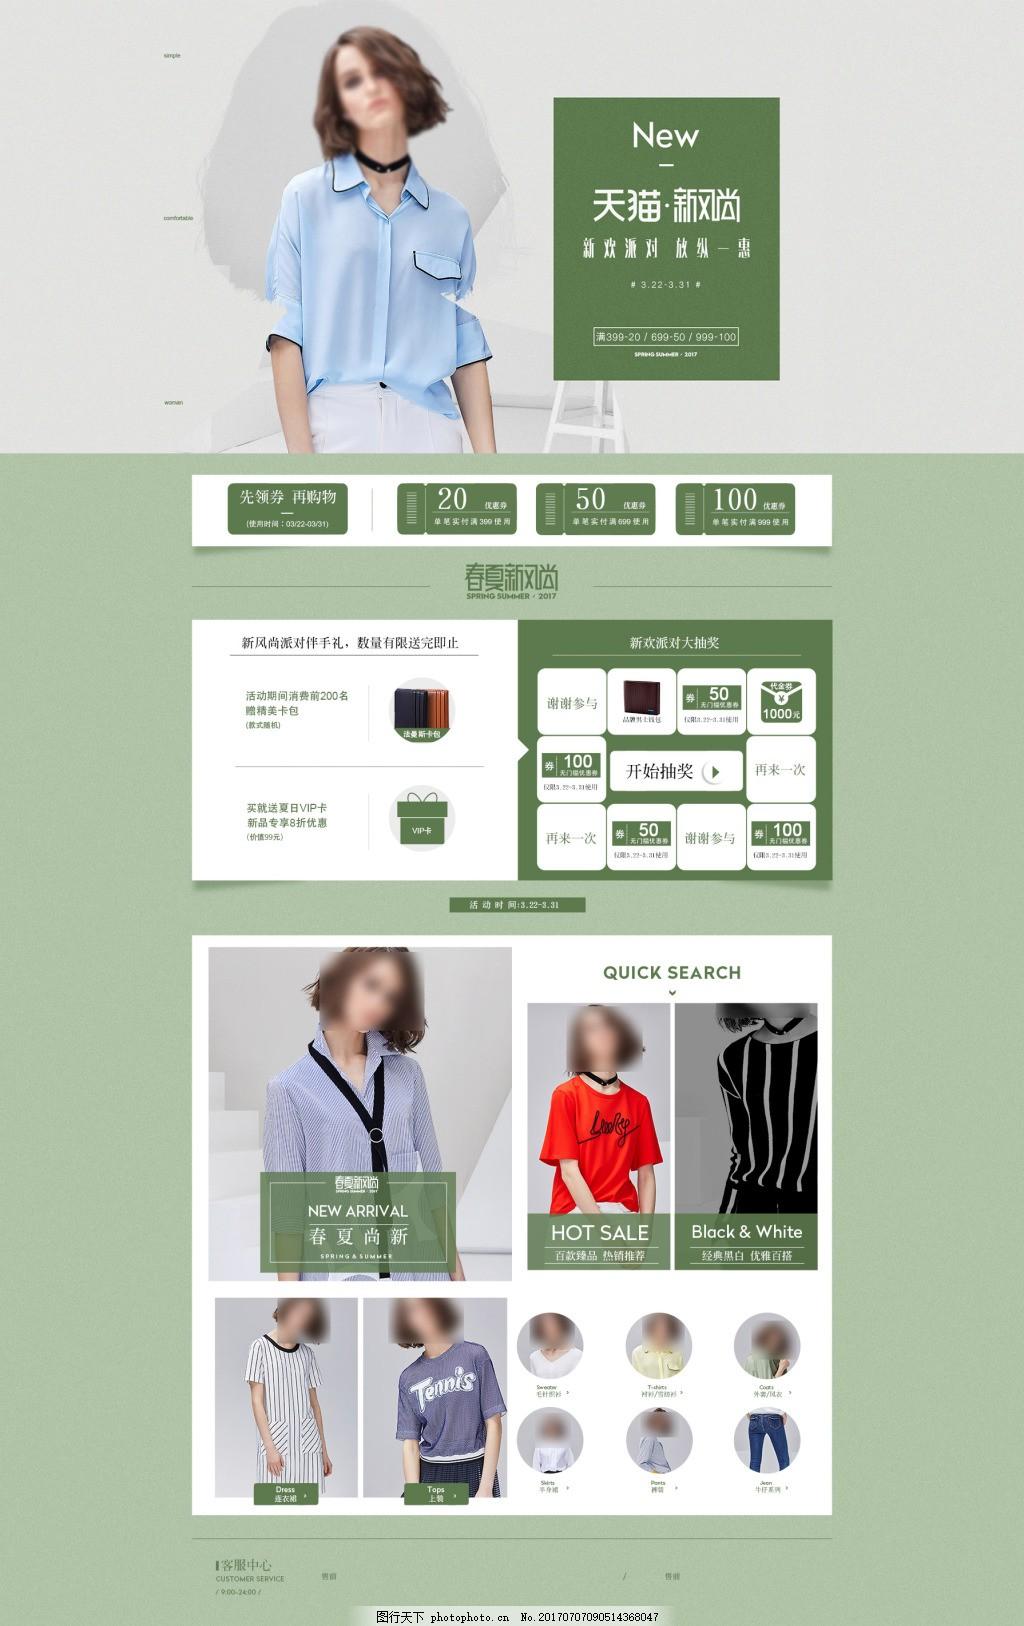 新风尚淘宝首页设计 服装首页 女装首页 简约 创意 清新 页面入口